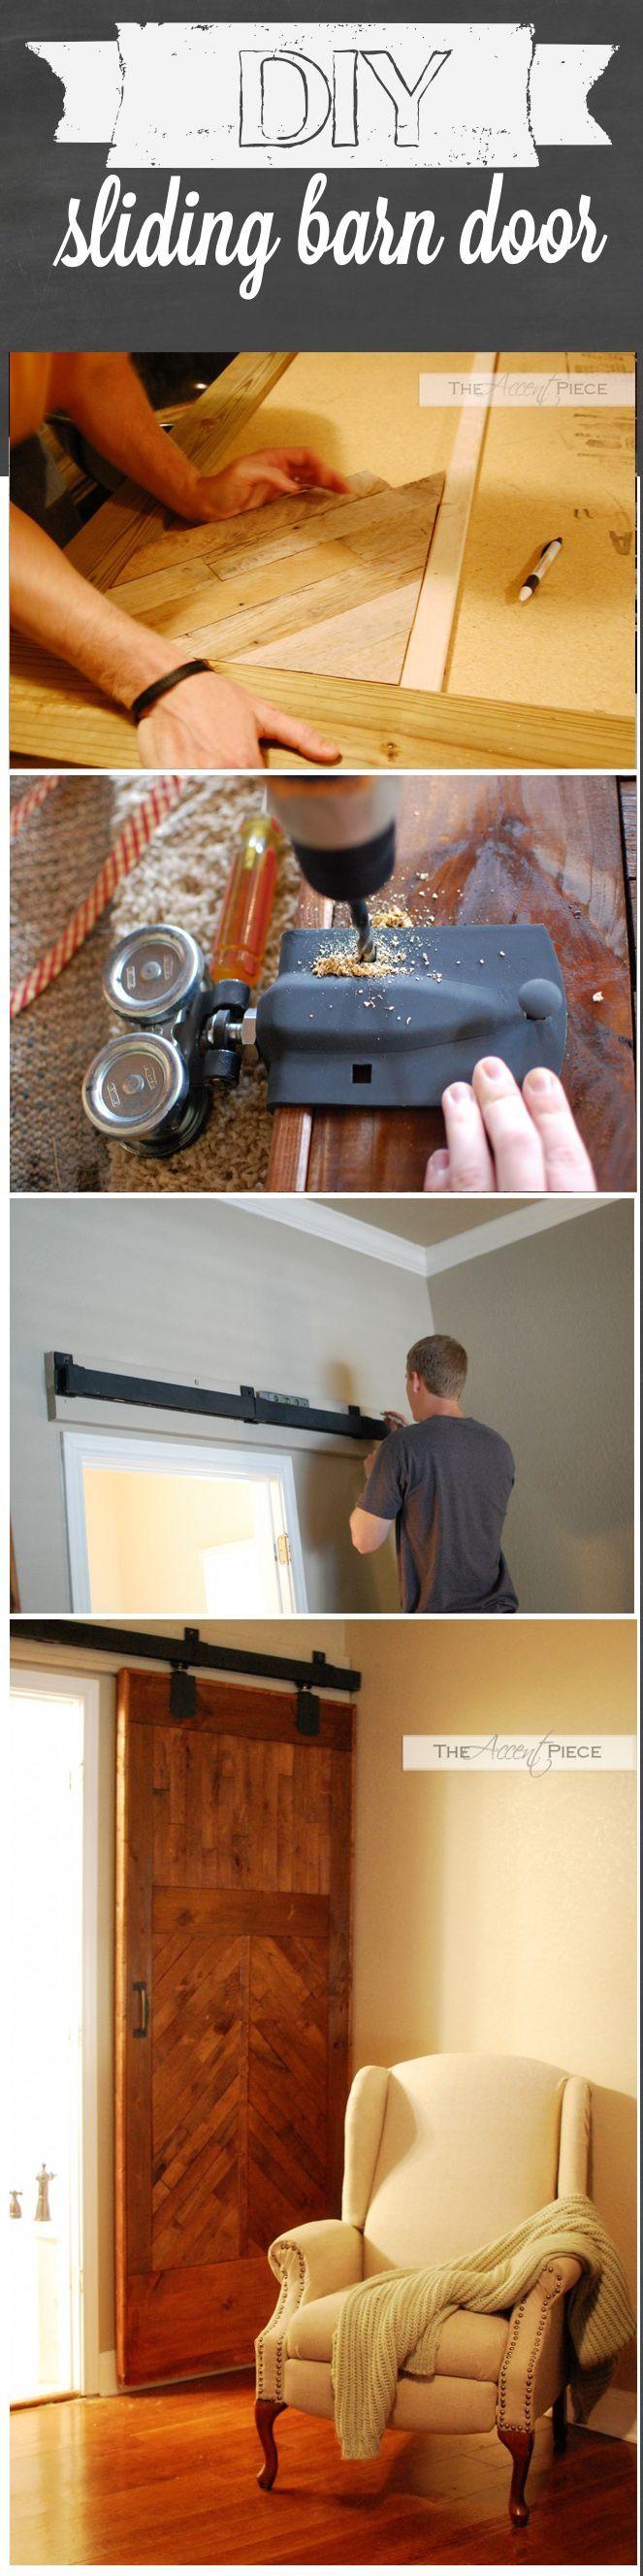 DIY Sliding Barn Door!